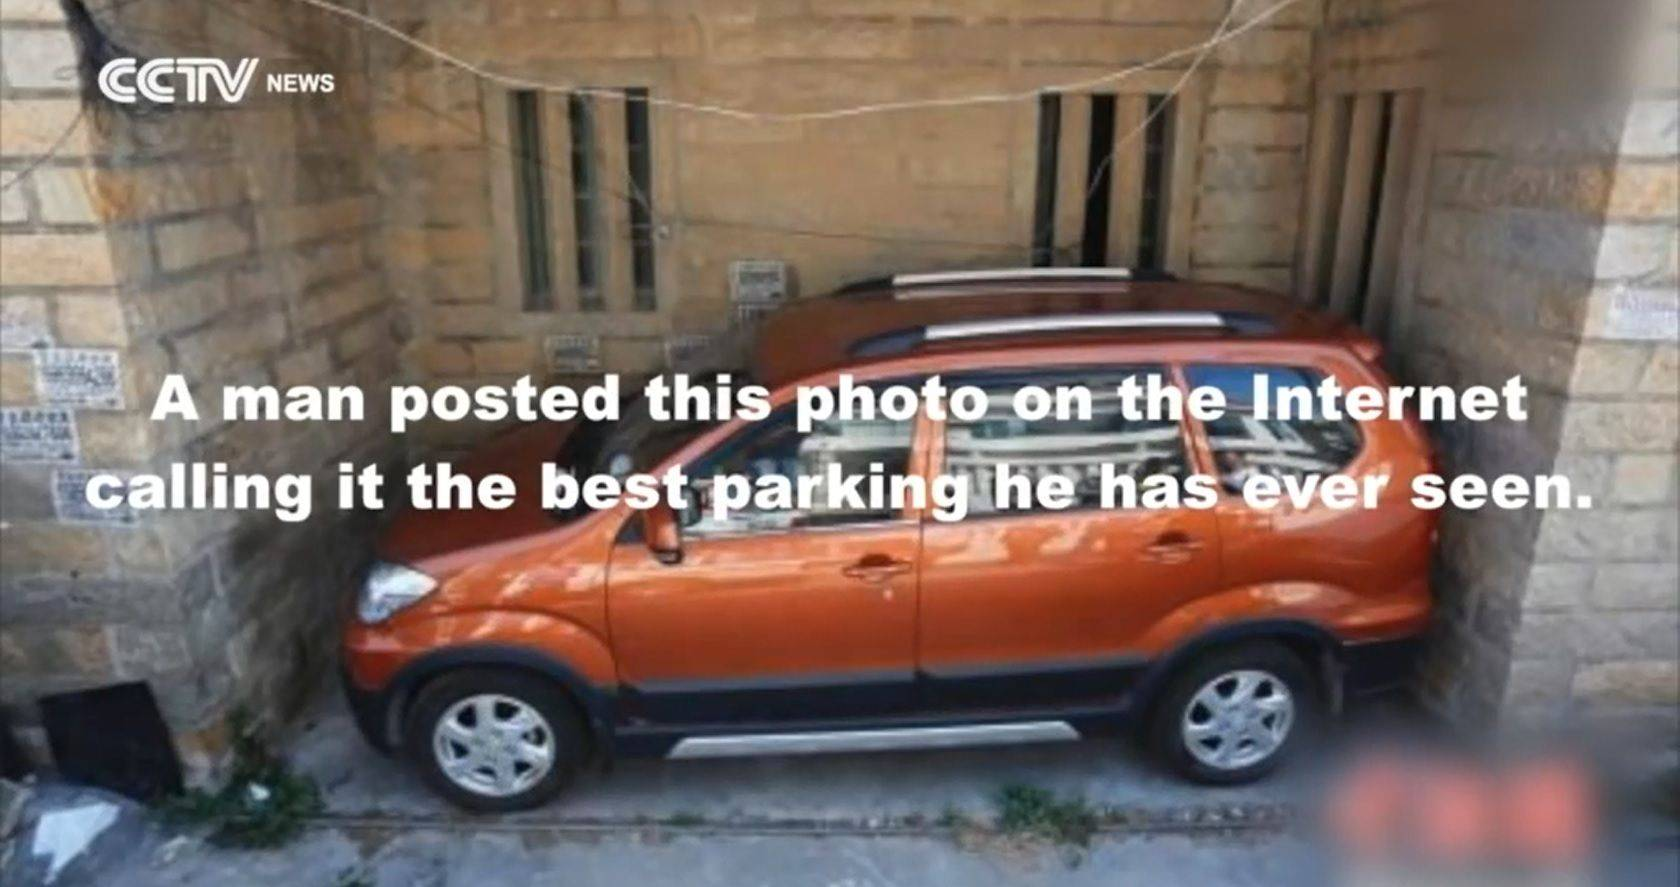 parkingggg